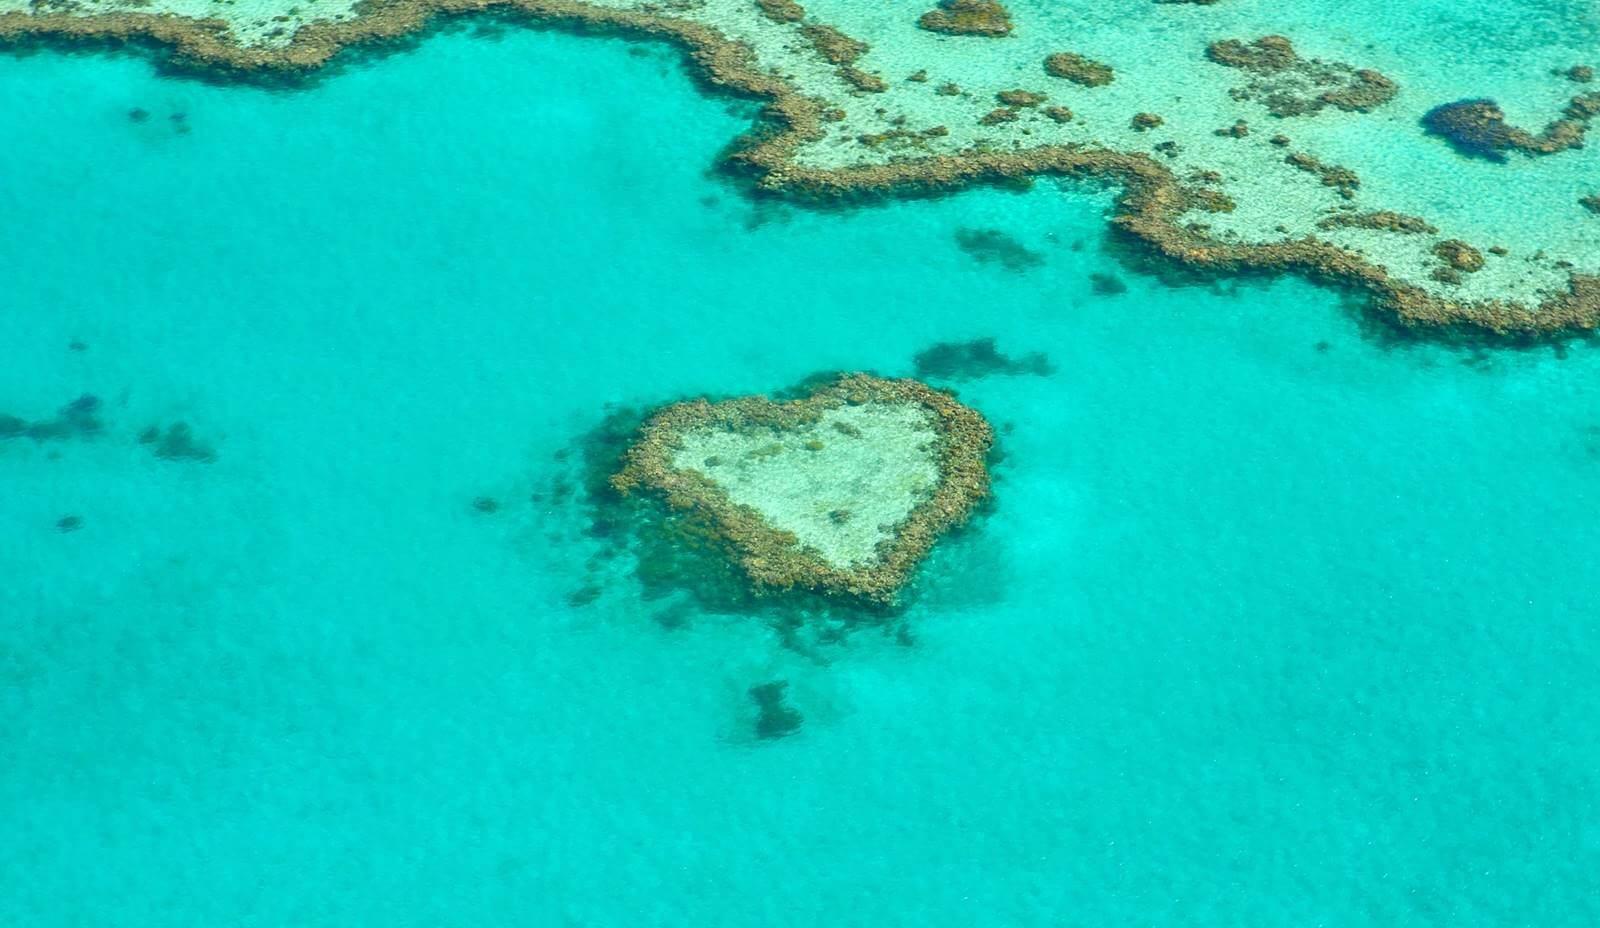 澳洲-聖靈群島-大堡礁-景點-遊記-推薦-自由行-整理-攻略-旅遊-觀光-交通-住宿-Whitsundays-降靈群島-天氣-必玩-必遊-必去-行程